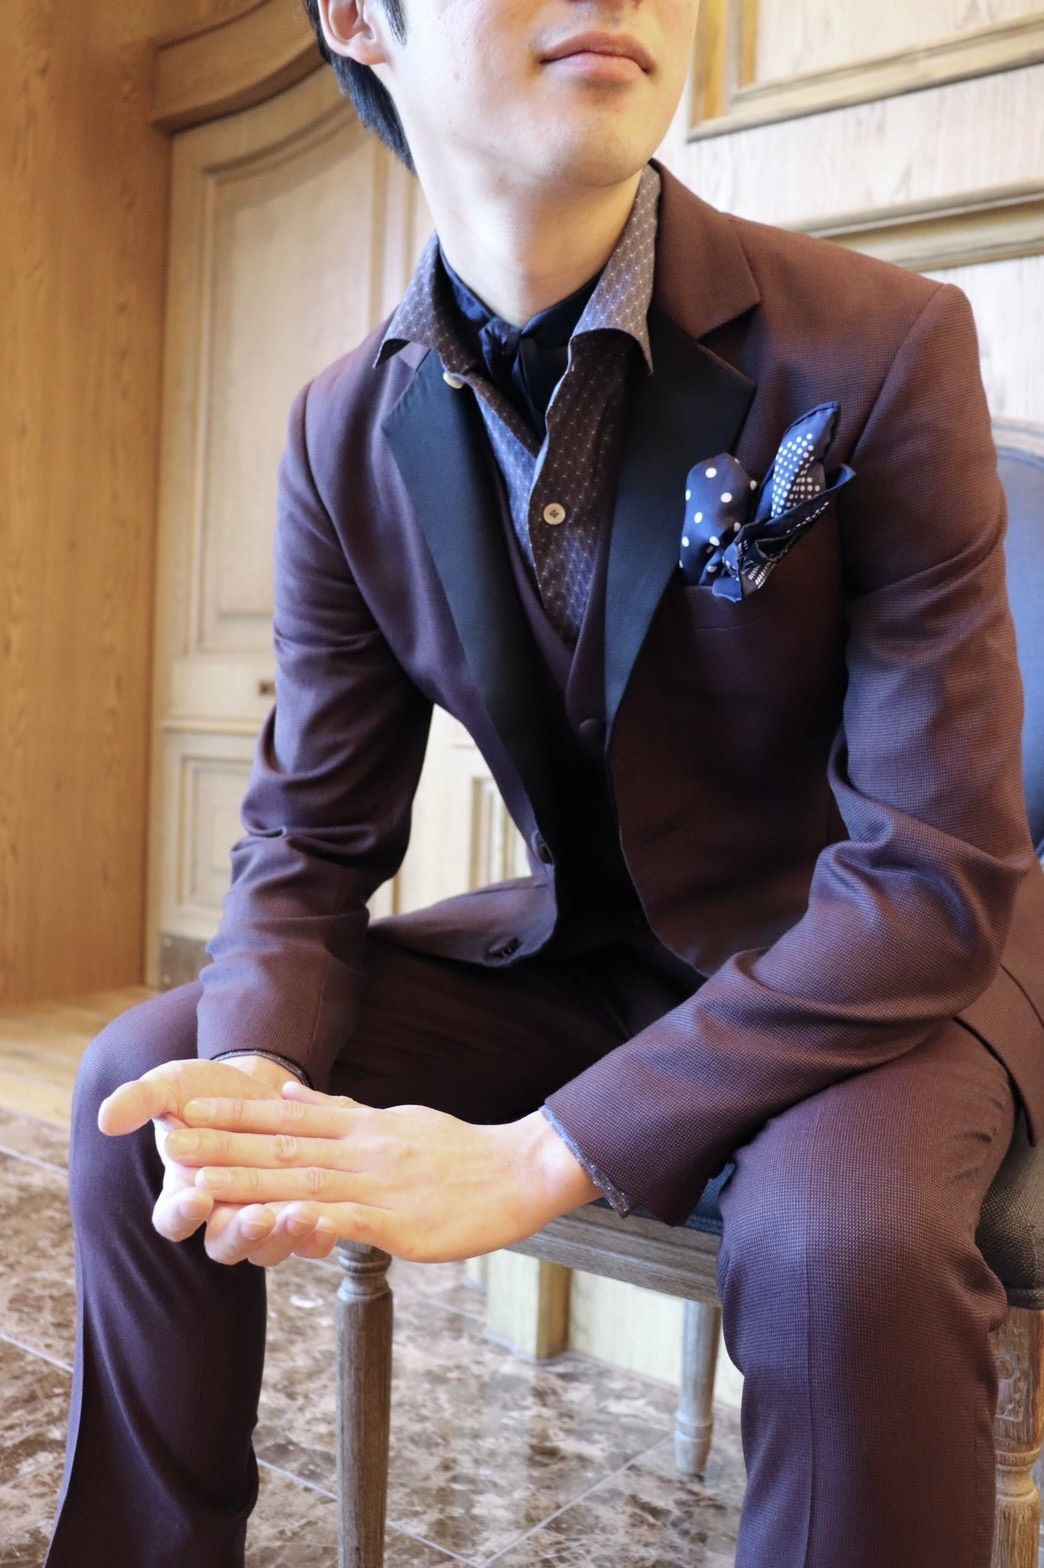 ザトリートドレッシング名古屋店がお勧めするご新郎様のボルドーのお衣裳を使用した個性のあるお色直しスタイル